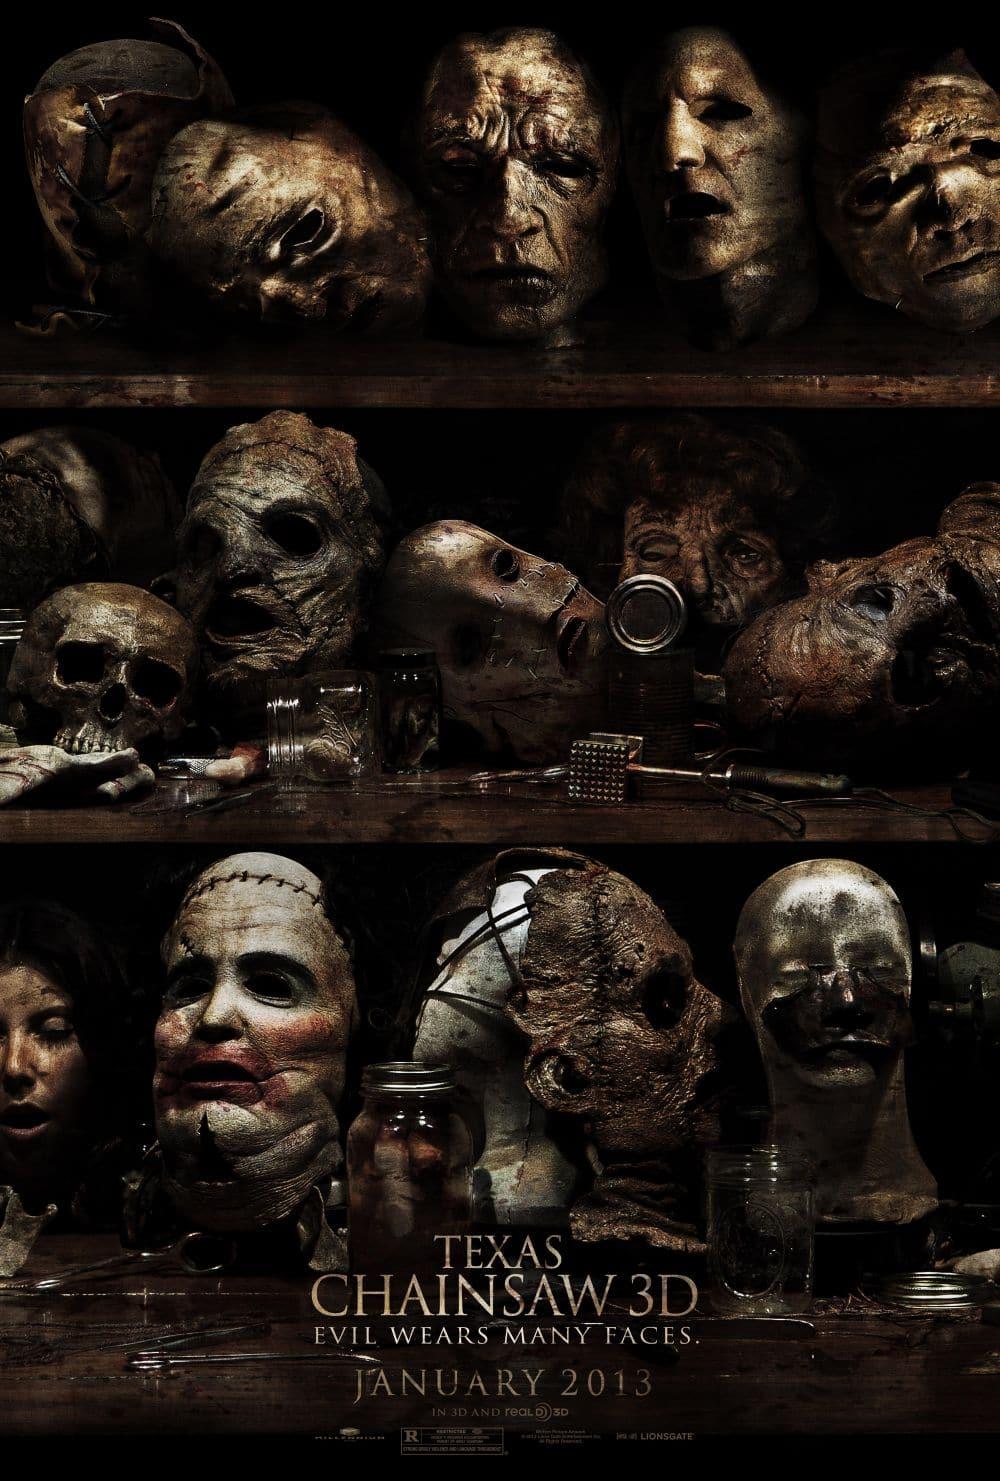 Kino Horror